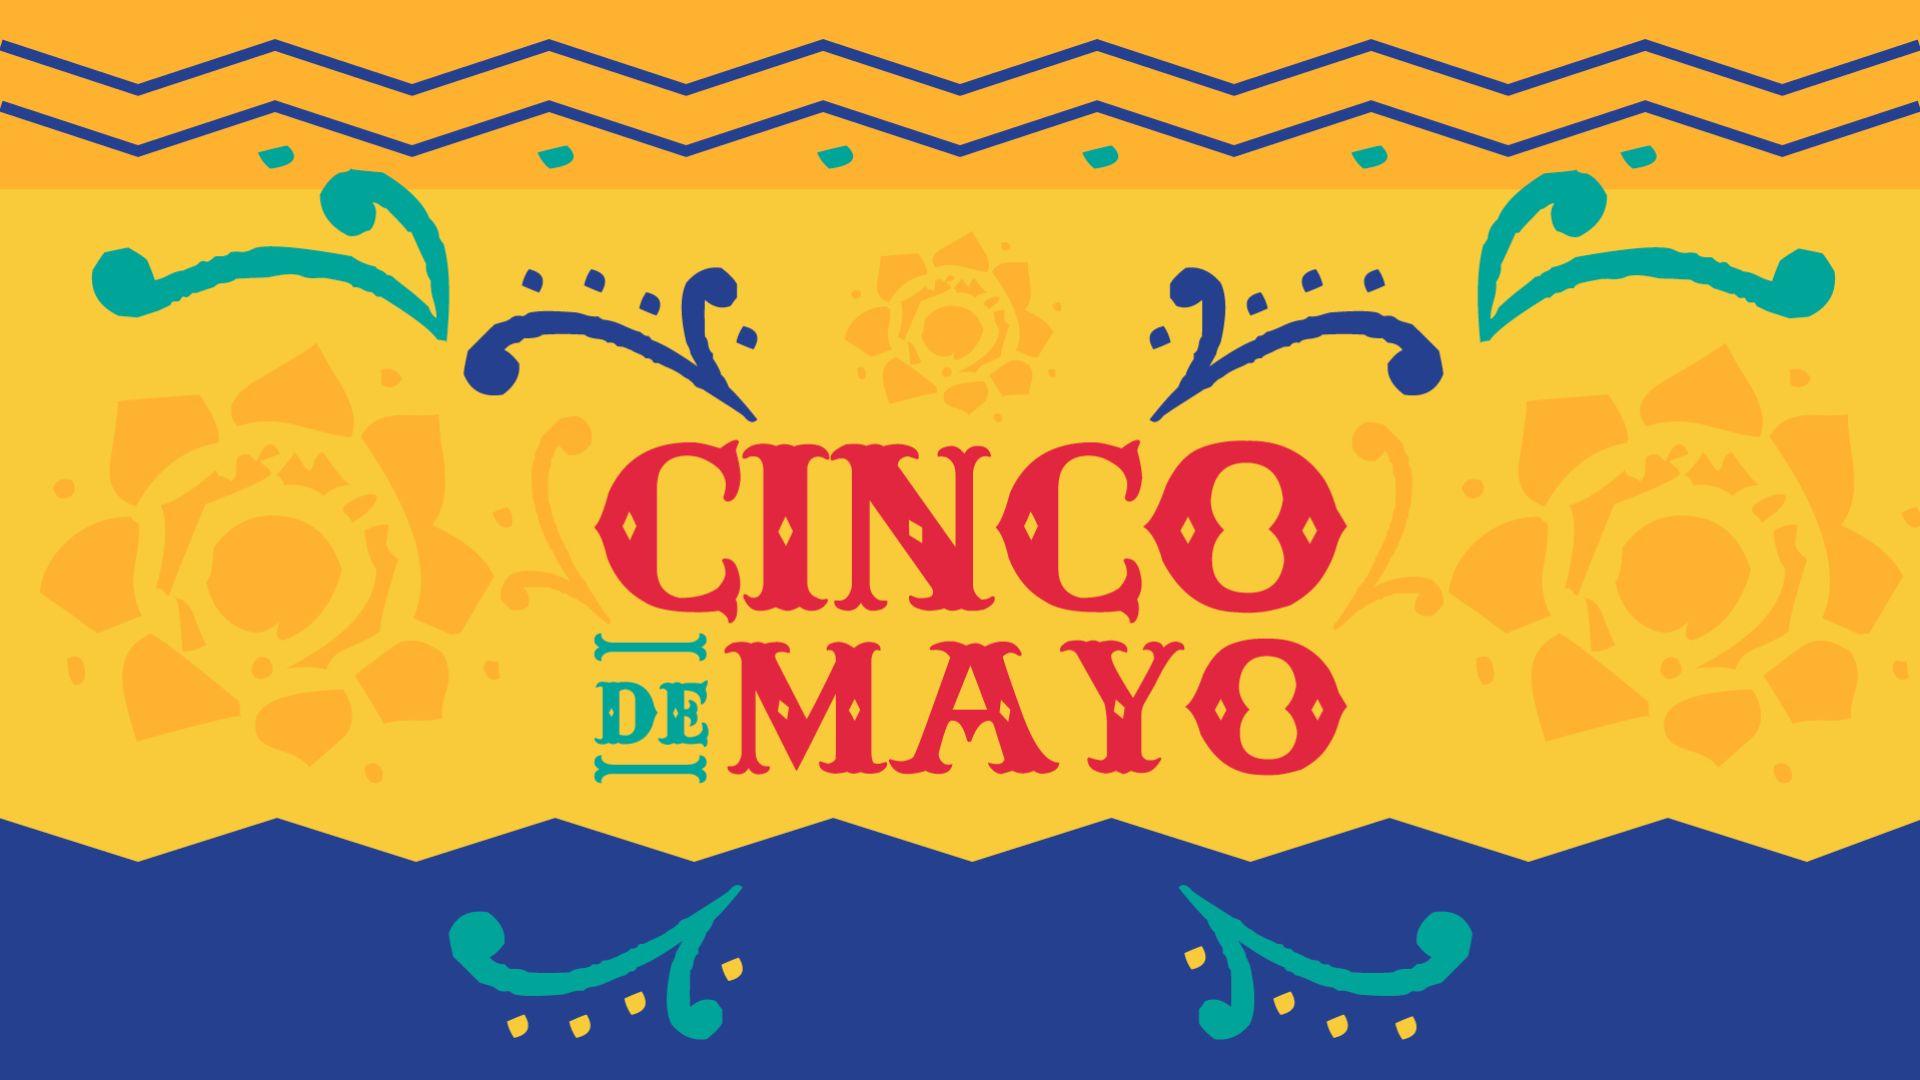 May 5th - Cinco de Mayo